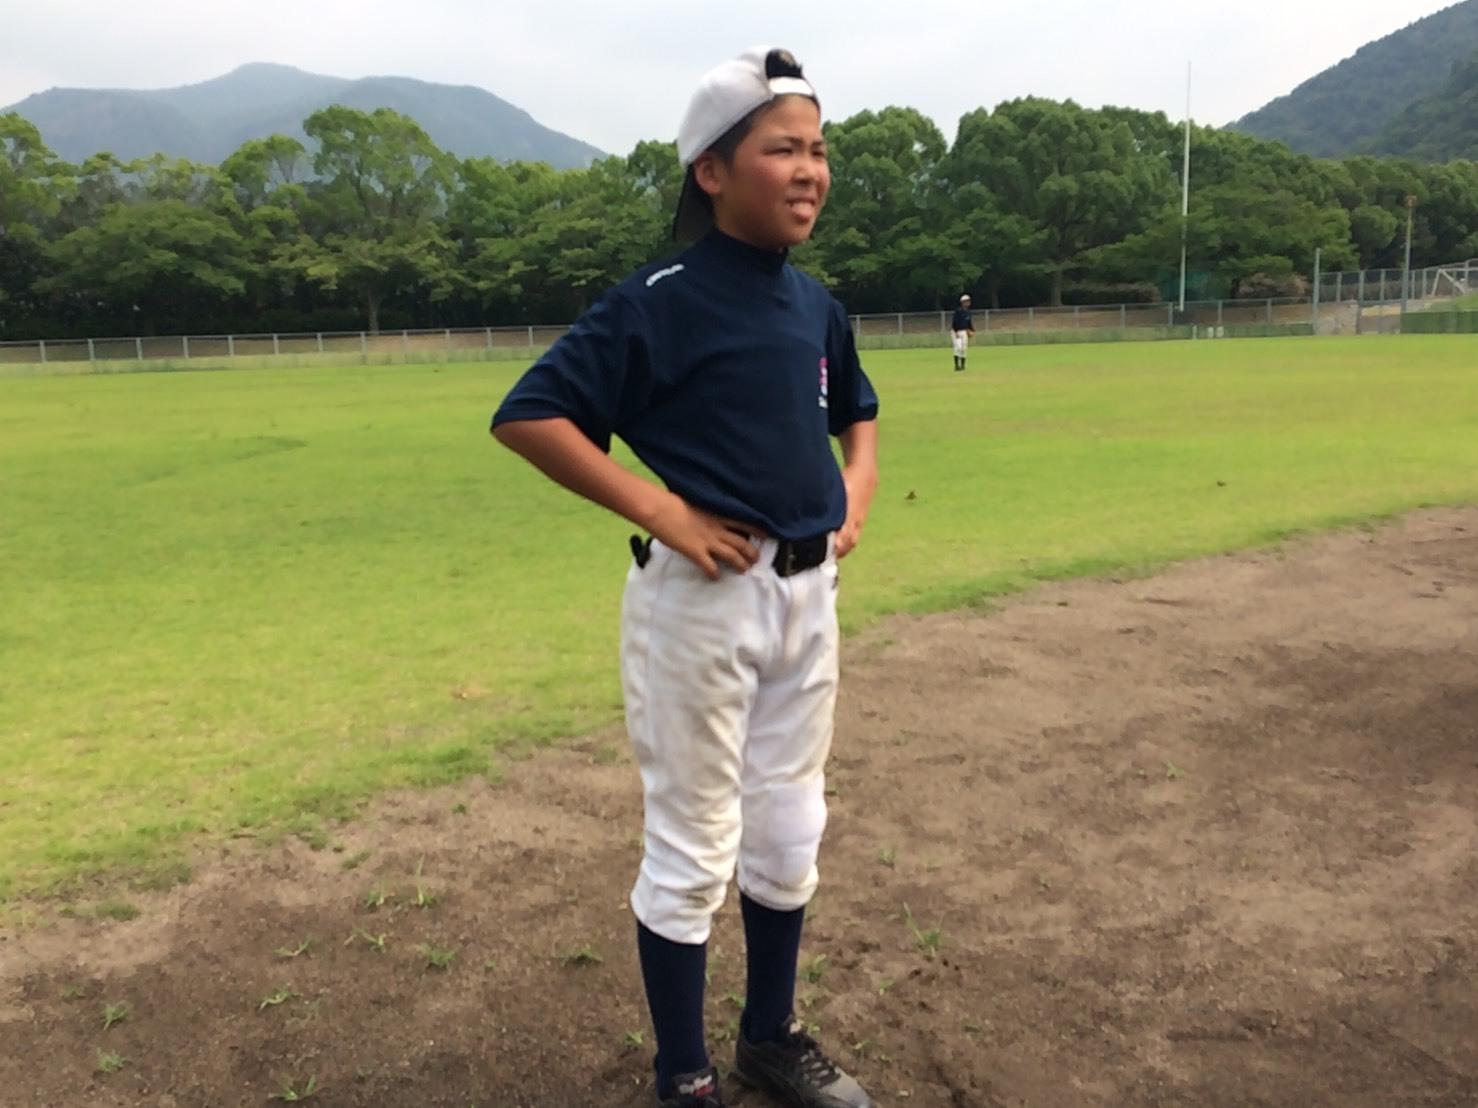 岡山遠征2日目。考えて試合をしています。_f0209300_19384350.jpg